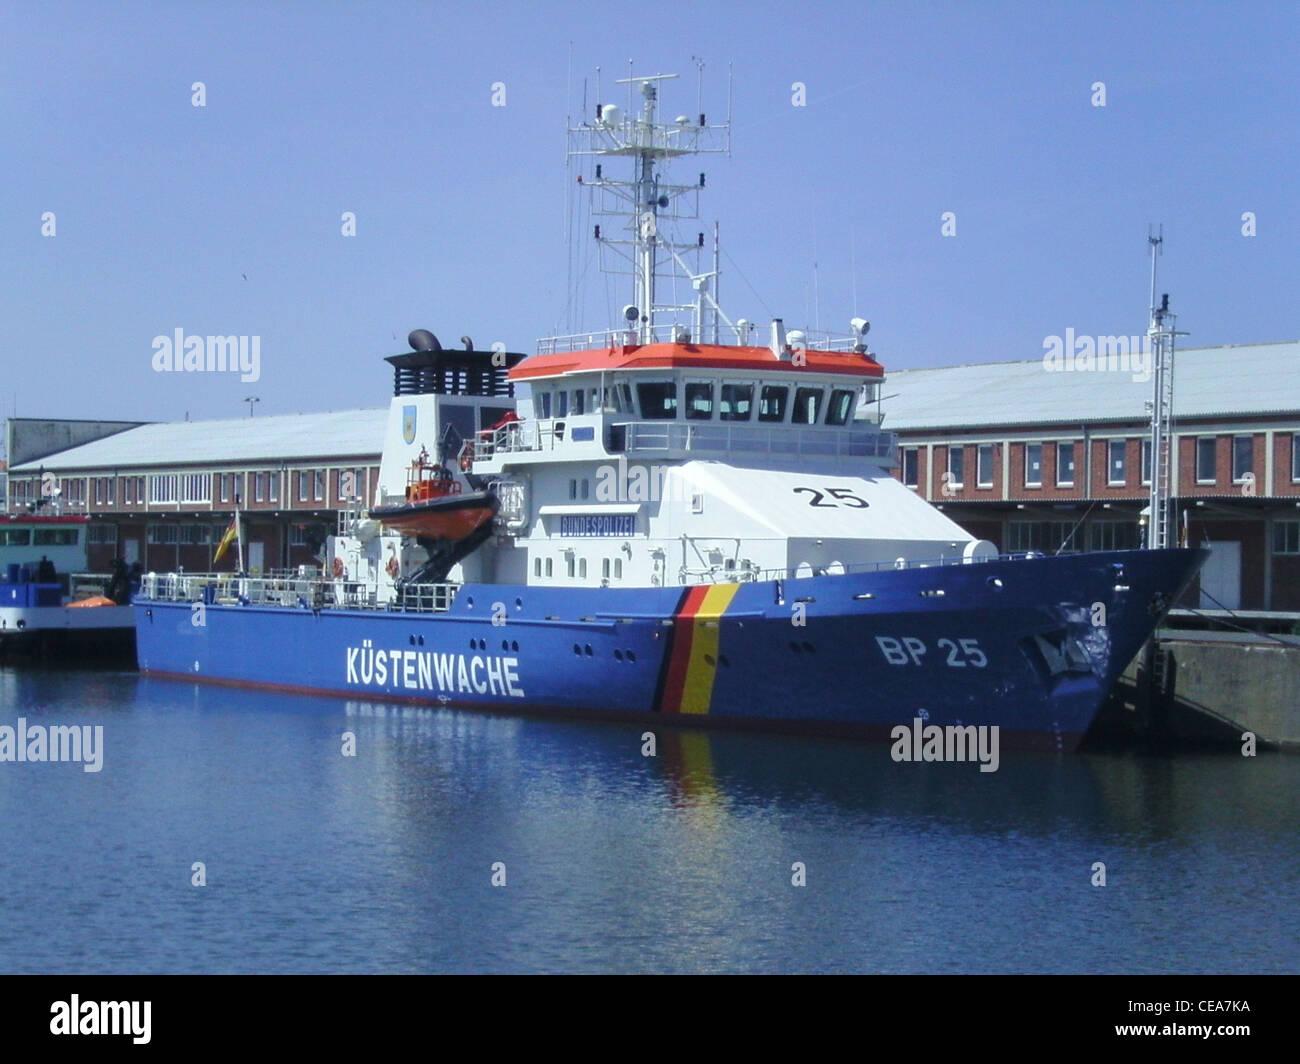 La motovedetta BP 25 Bayreuth della Polizia Federale di Germania nel porto di Cuxhaven Immagini Stock